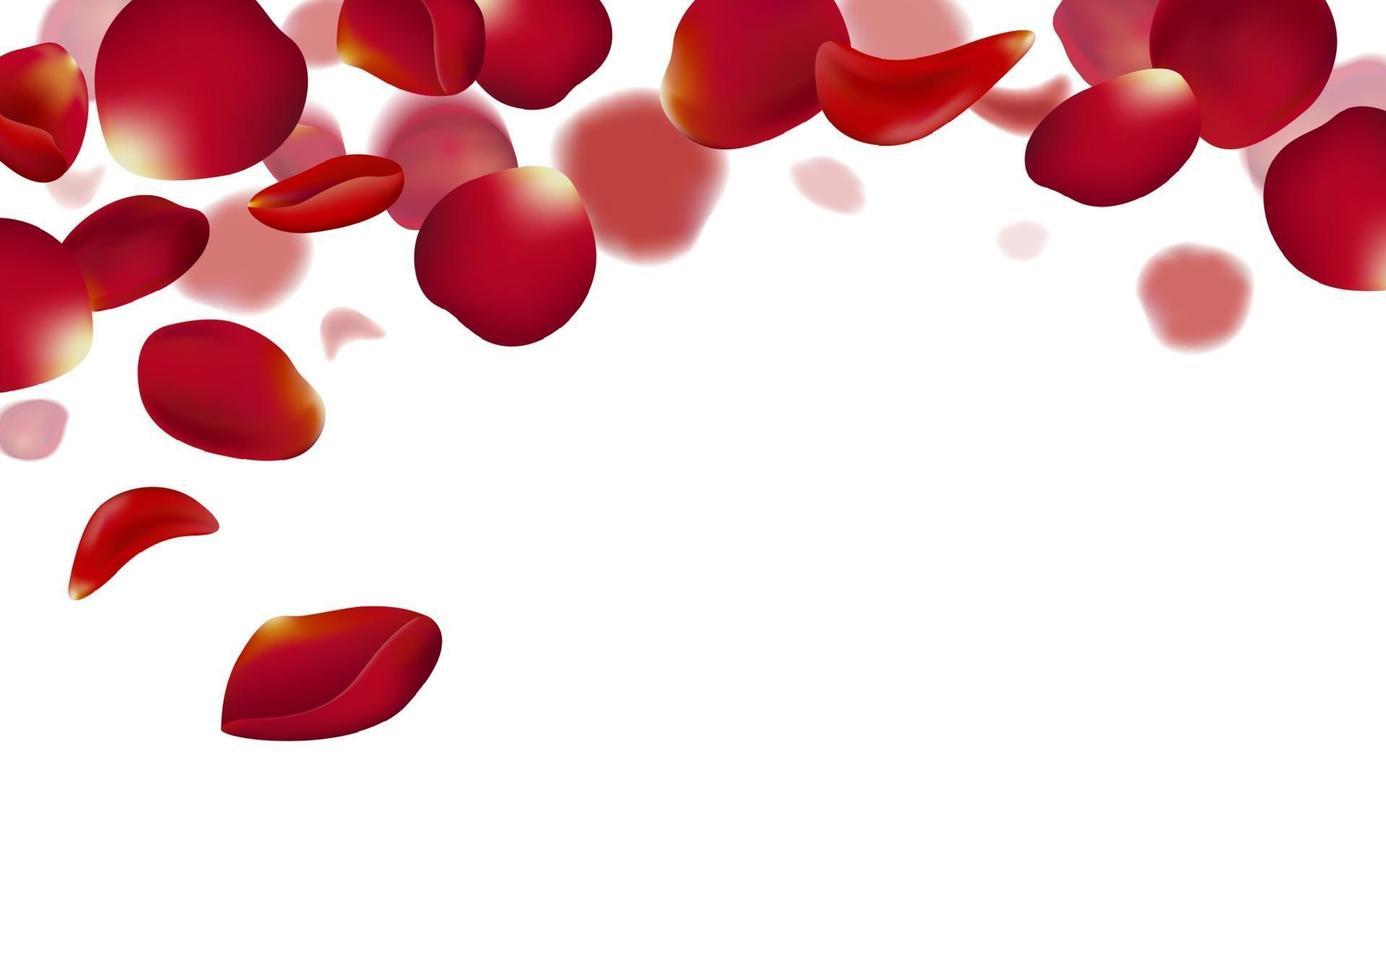 Pétalos de rosa roja cayendo sobre fondo blanco ilustración vectorial vector